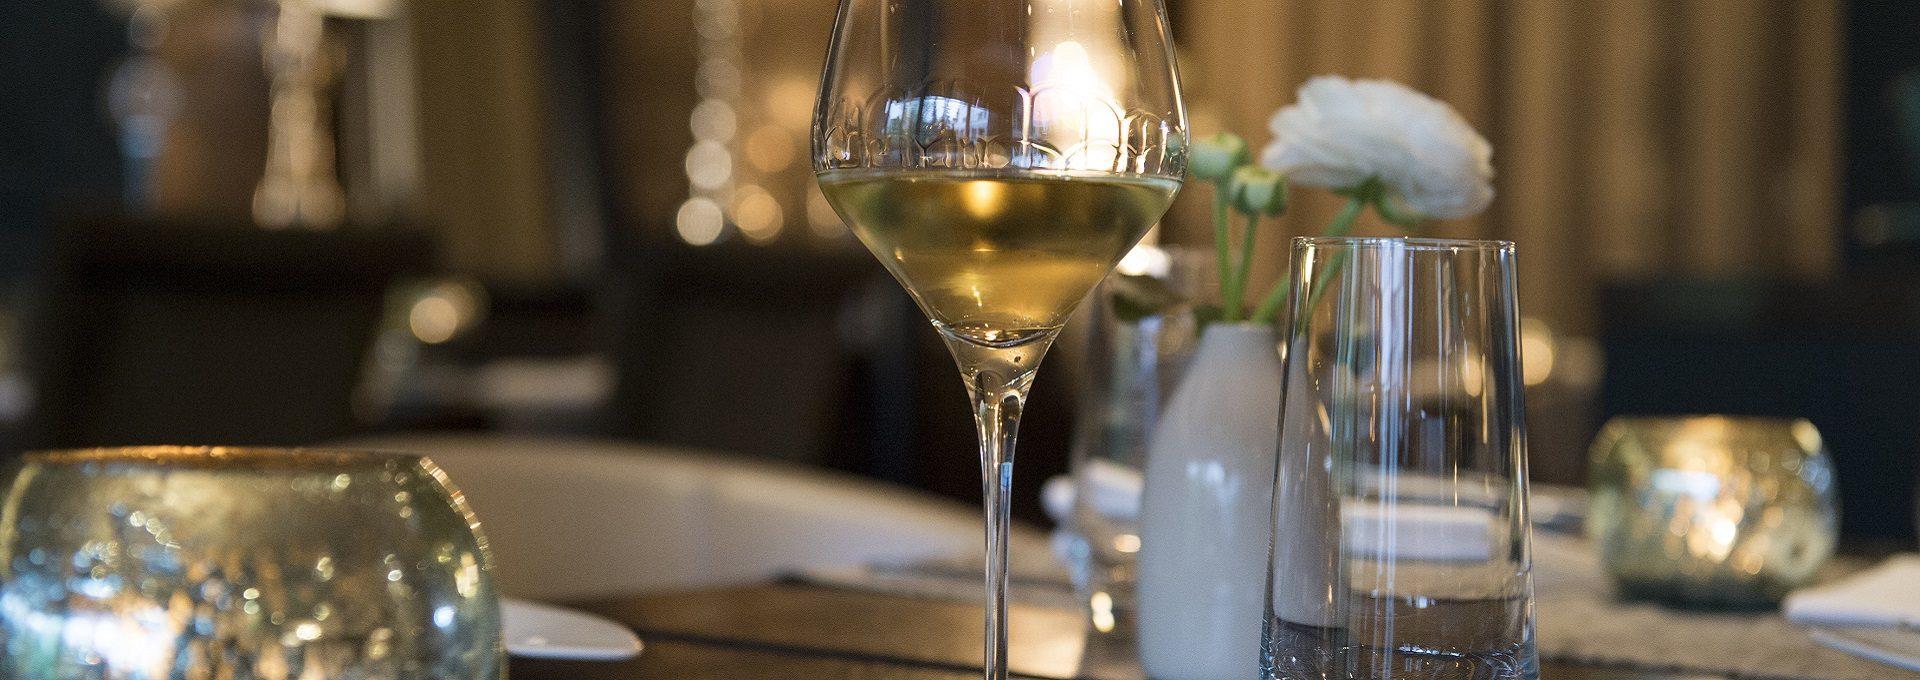 Detailaufnahme Weinglas